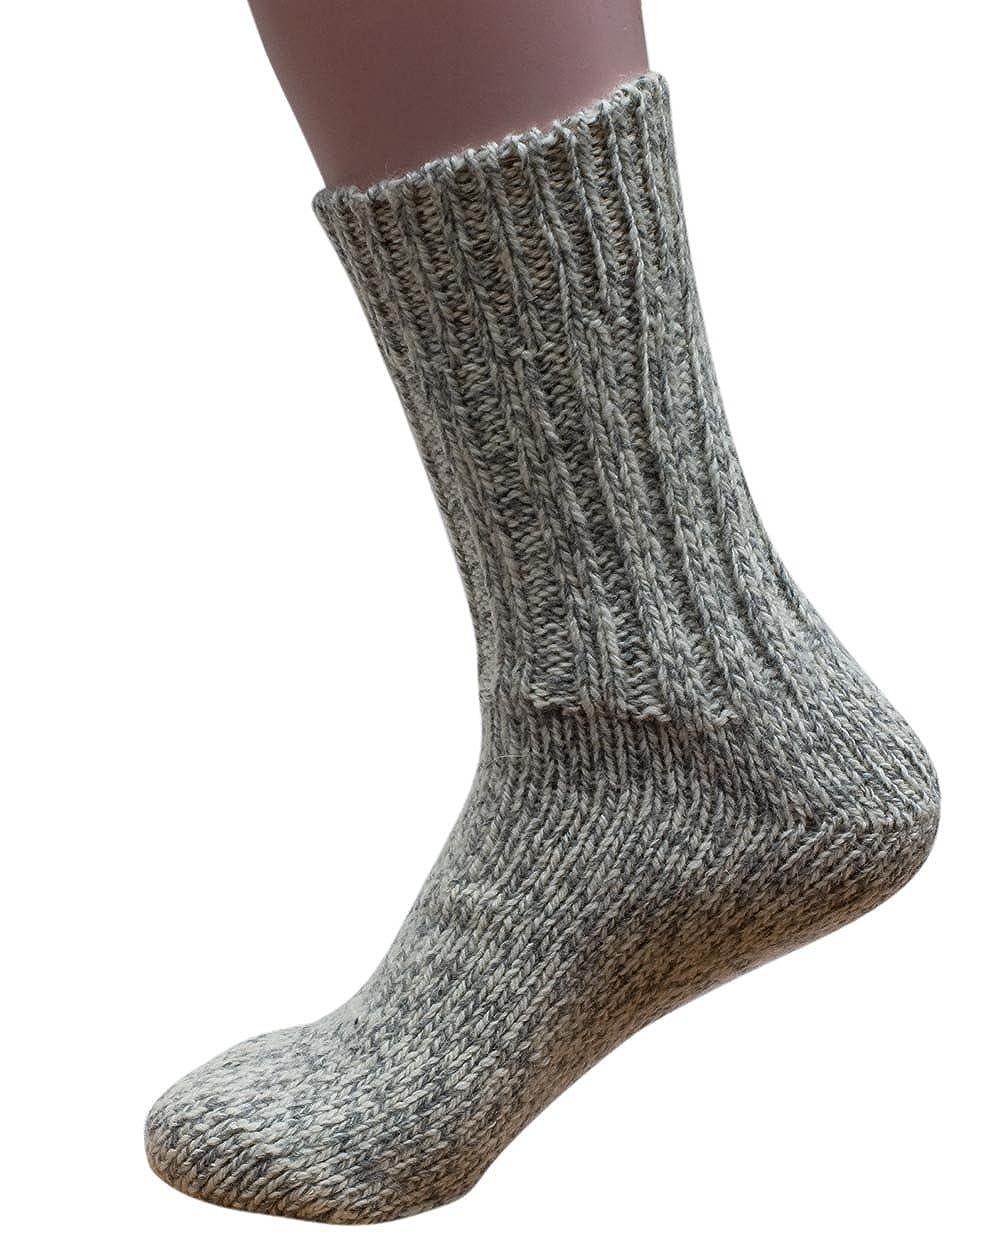 dfca140a4ad1f Hirsch Natur - Socquettes - Homme: Amazon.fr: Vêtements et accessoires